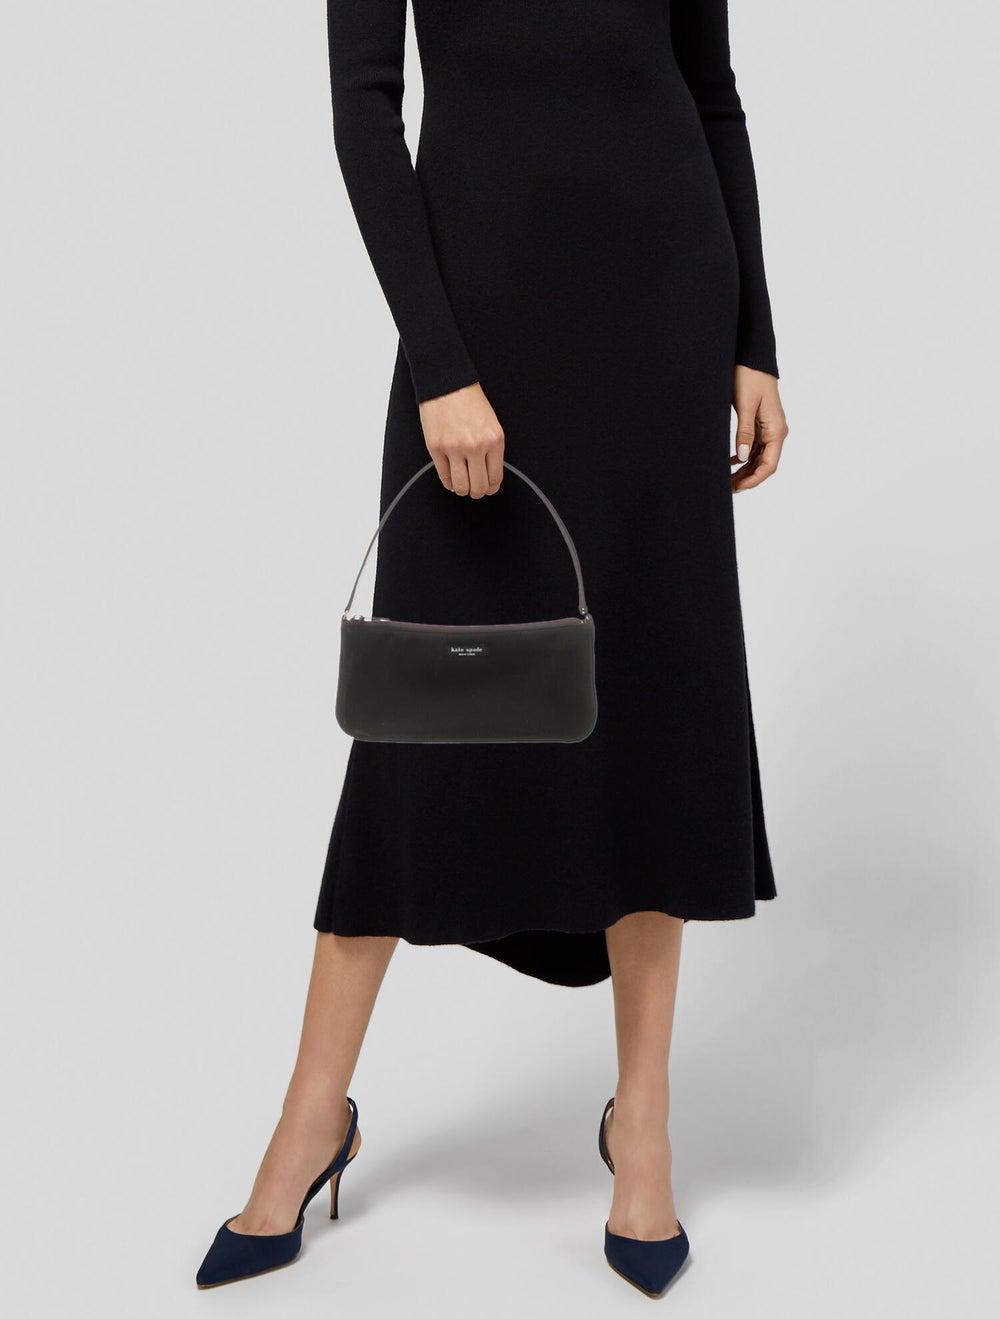 Kate Spade New York Nylon Shoulder Bag Black - image 2